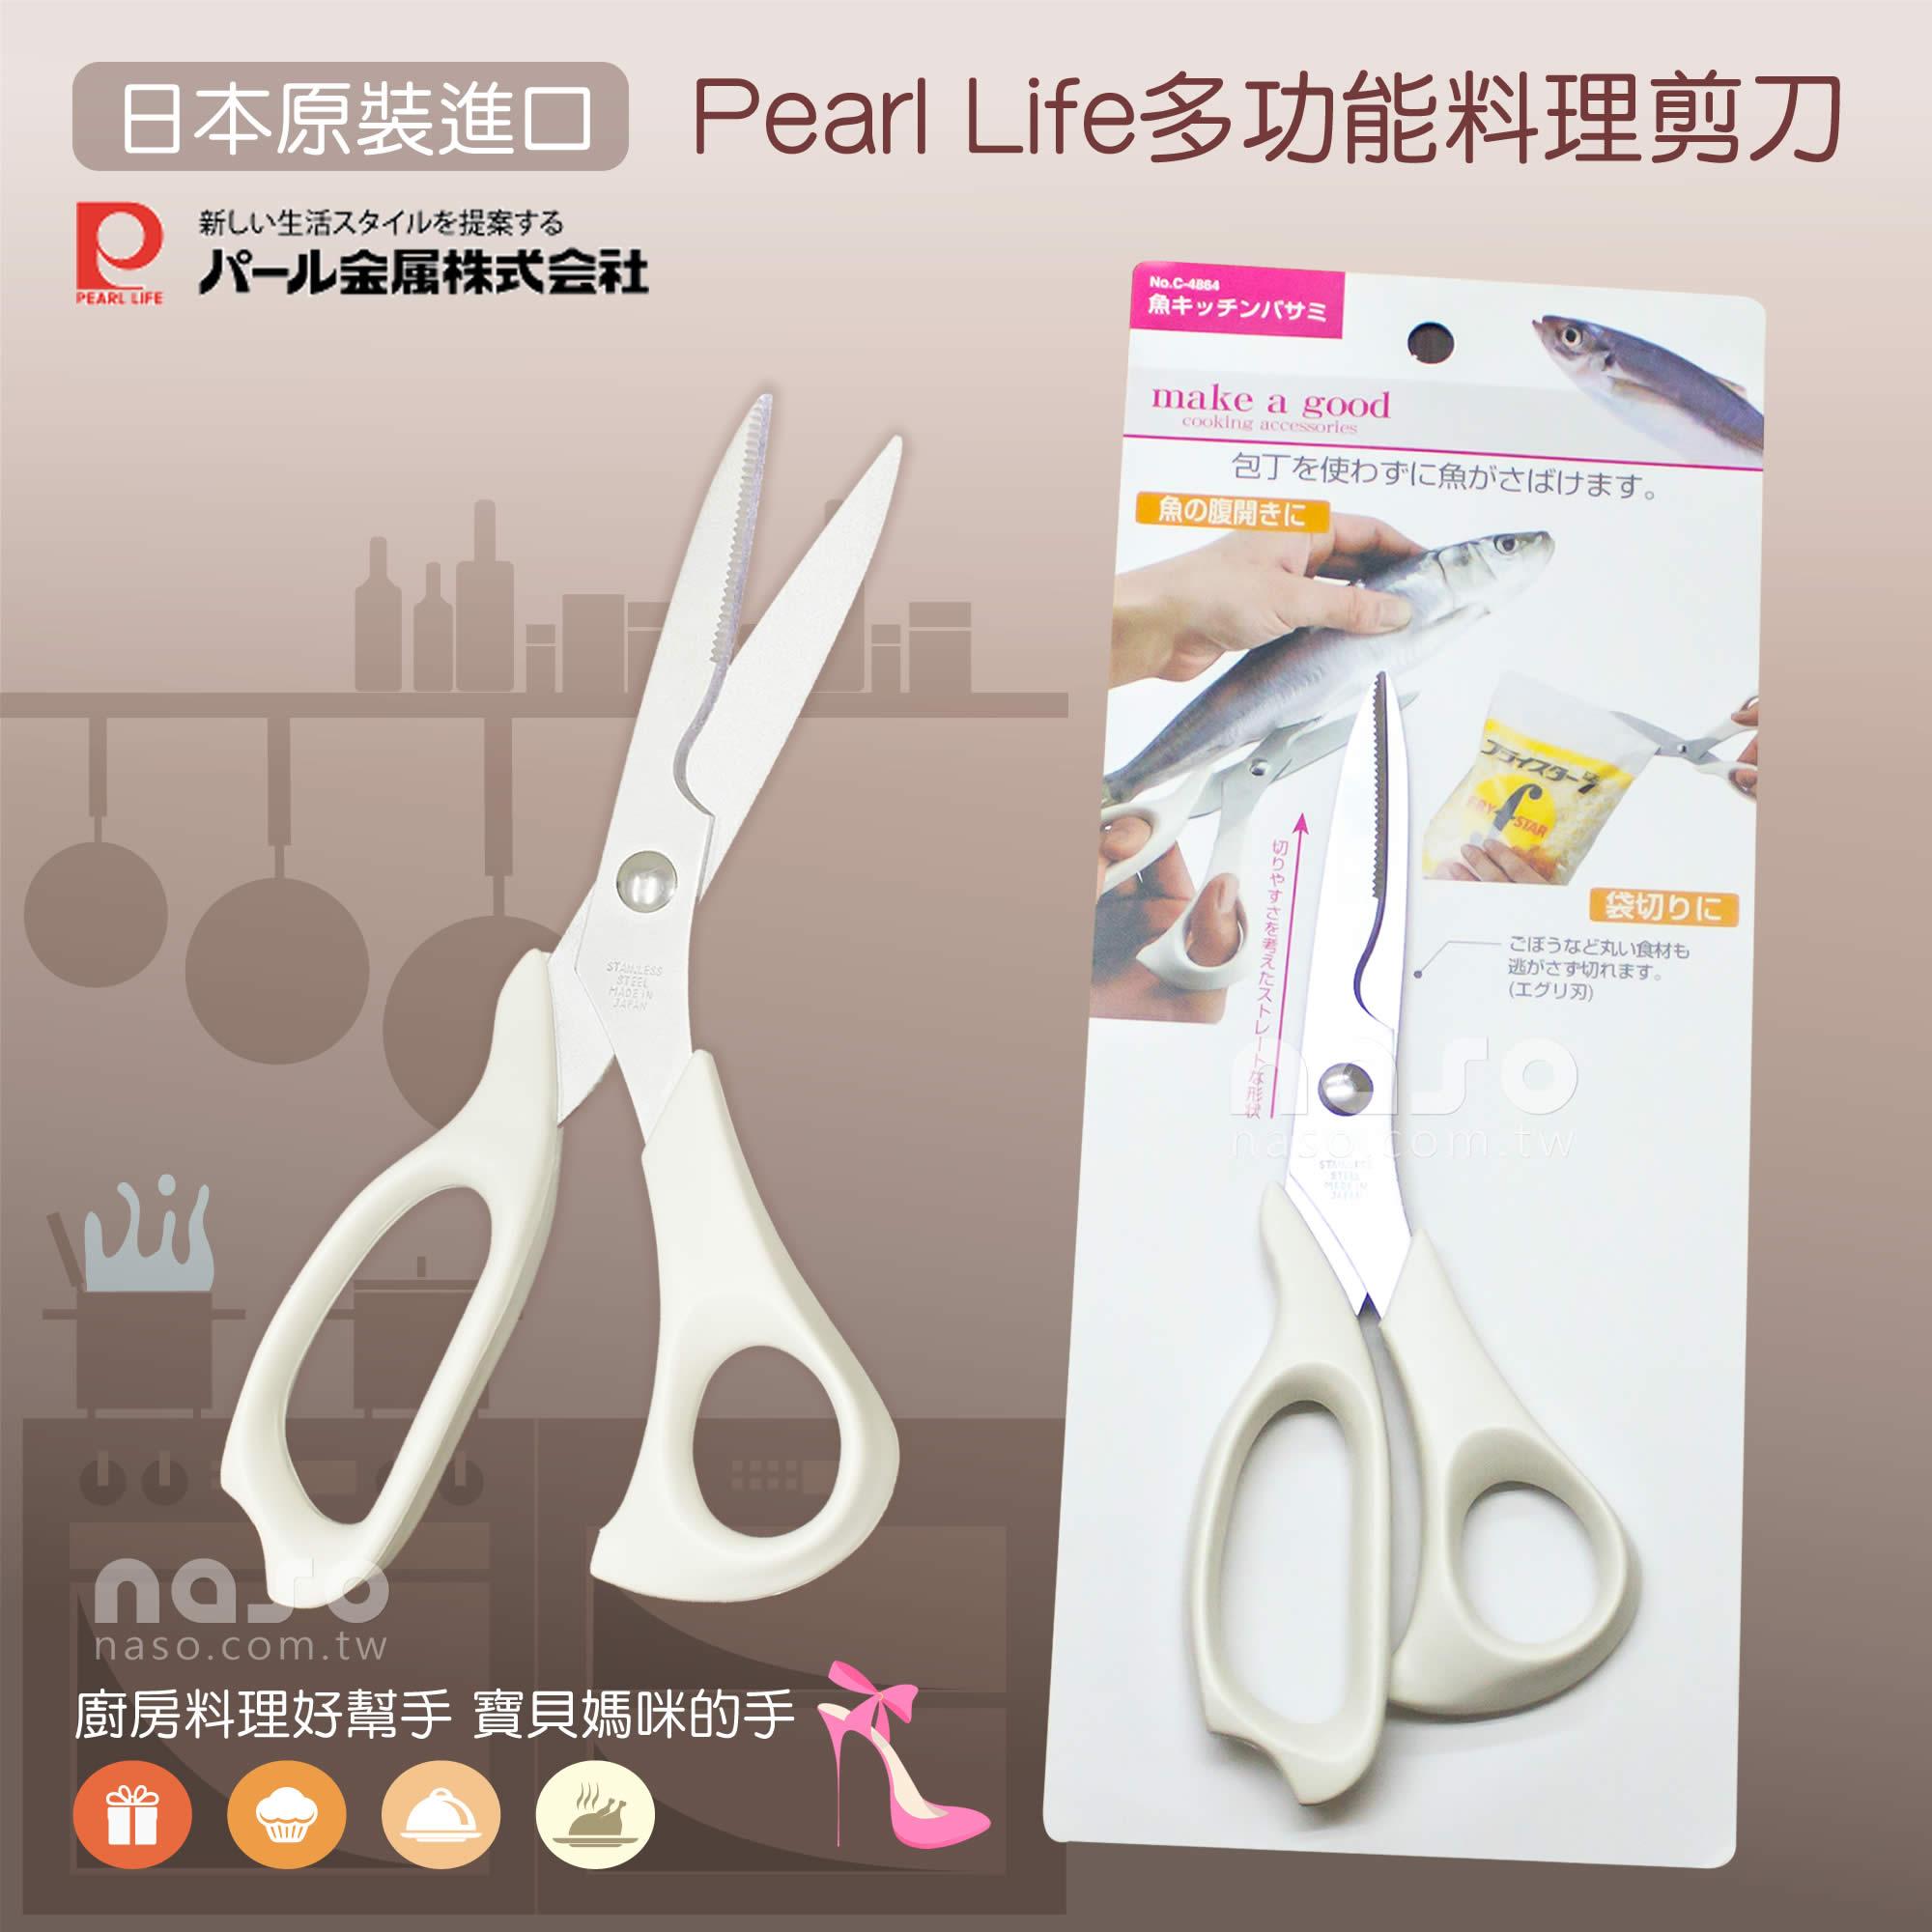 日本原裝進口Pearl Life多功能料理剪刀 好評第10團